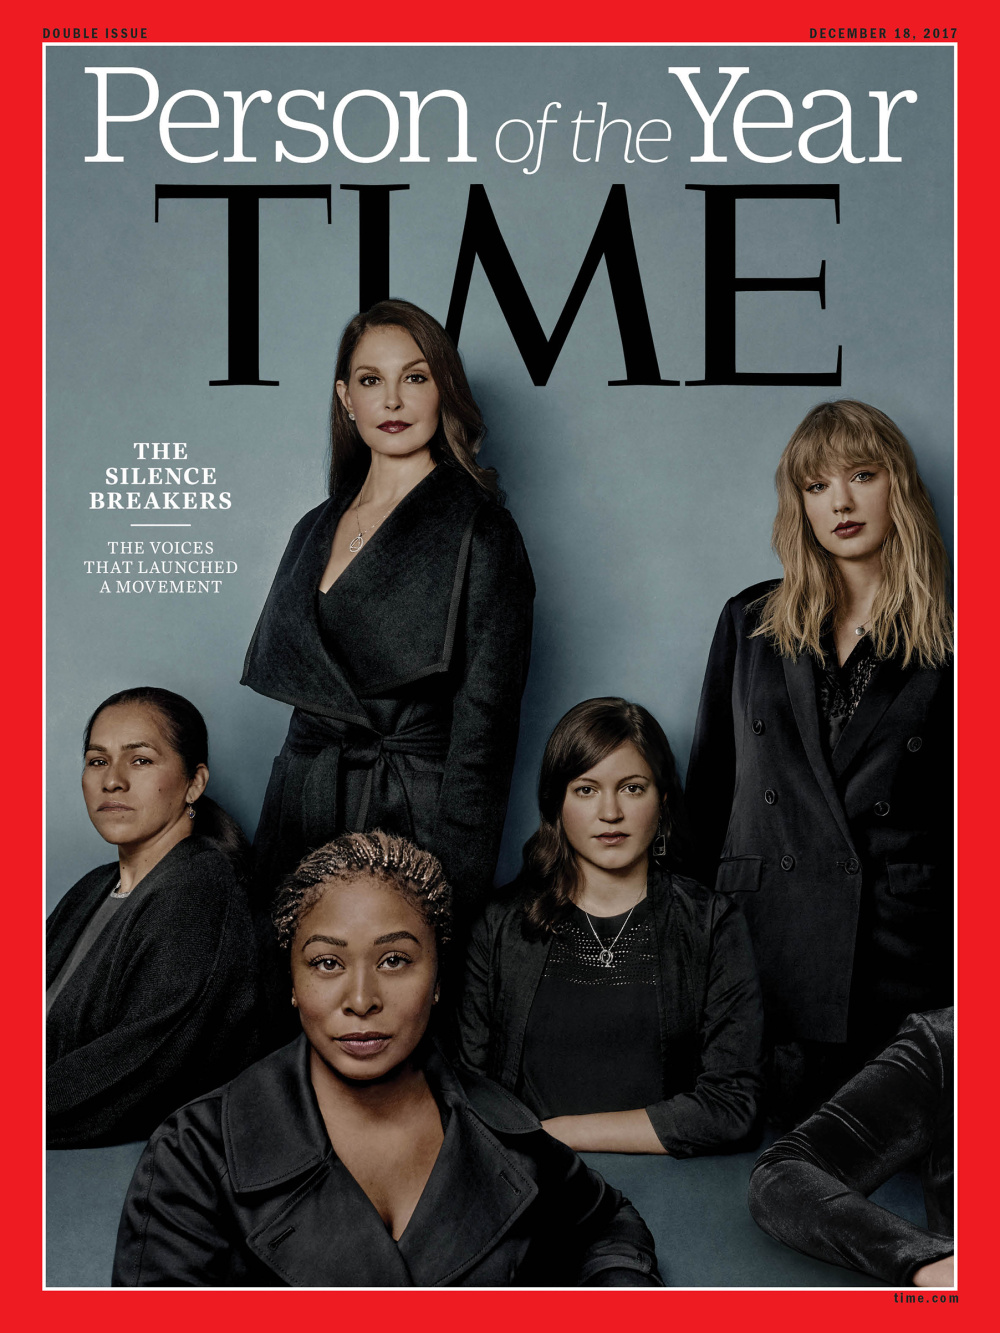 El TIME declara persona(s) del año a las que han roto el silencio sobre las violencias sufridas